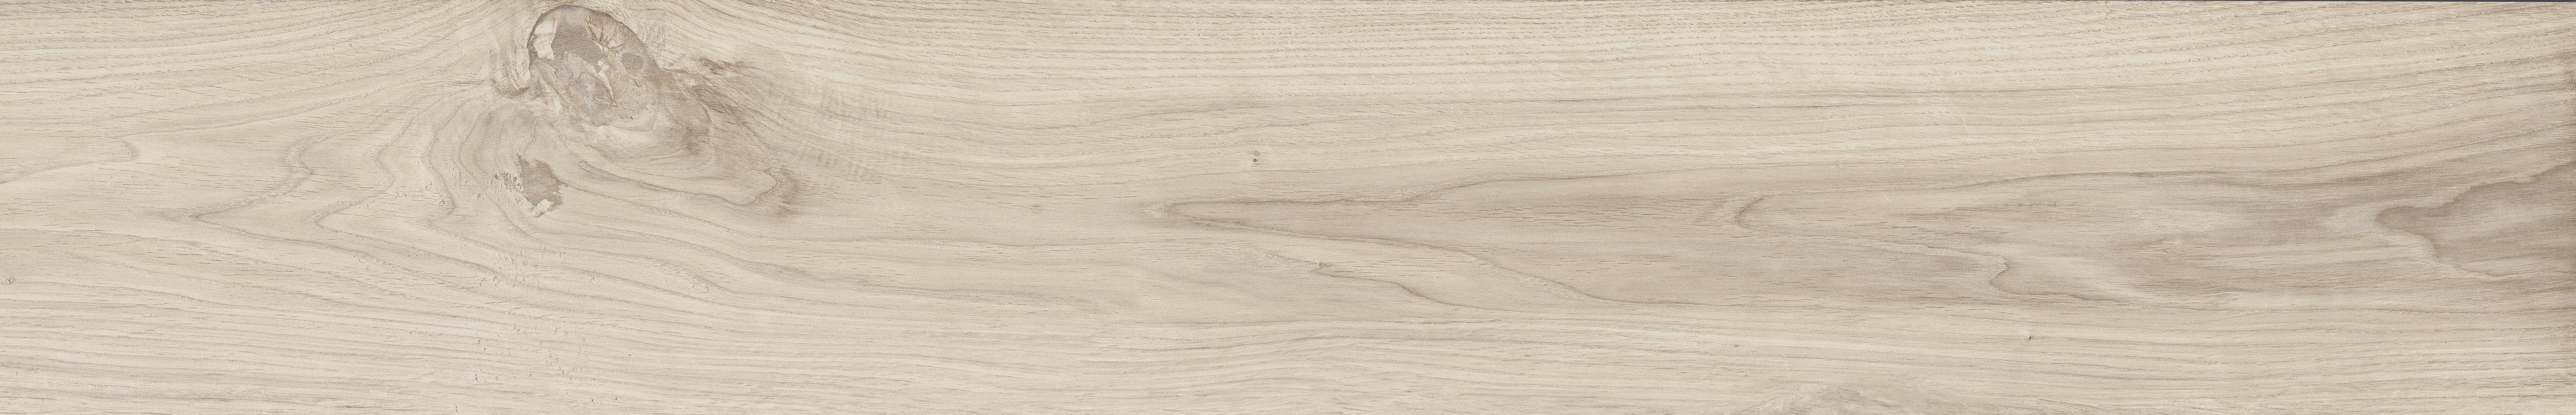 Плитка Allwood Bianco (zzxwu1r) изображение 15